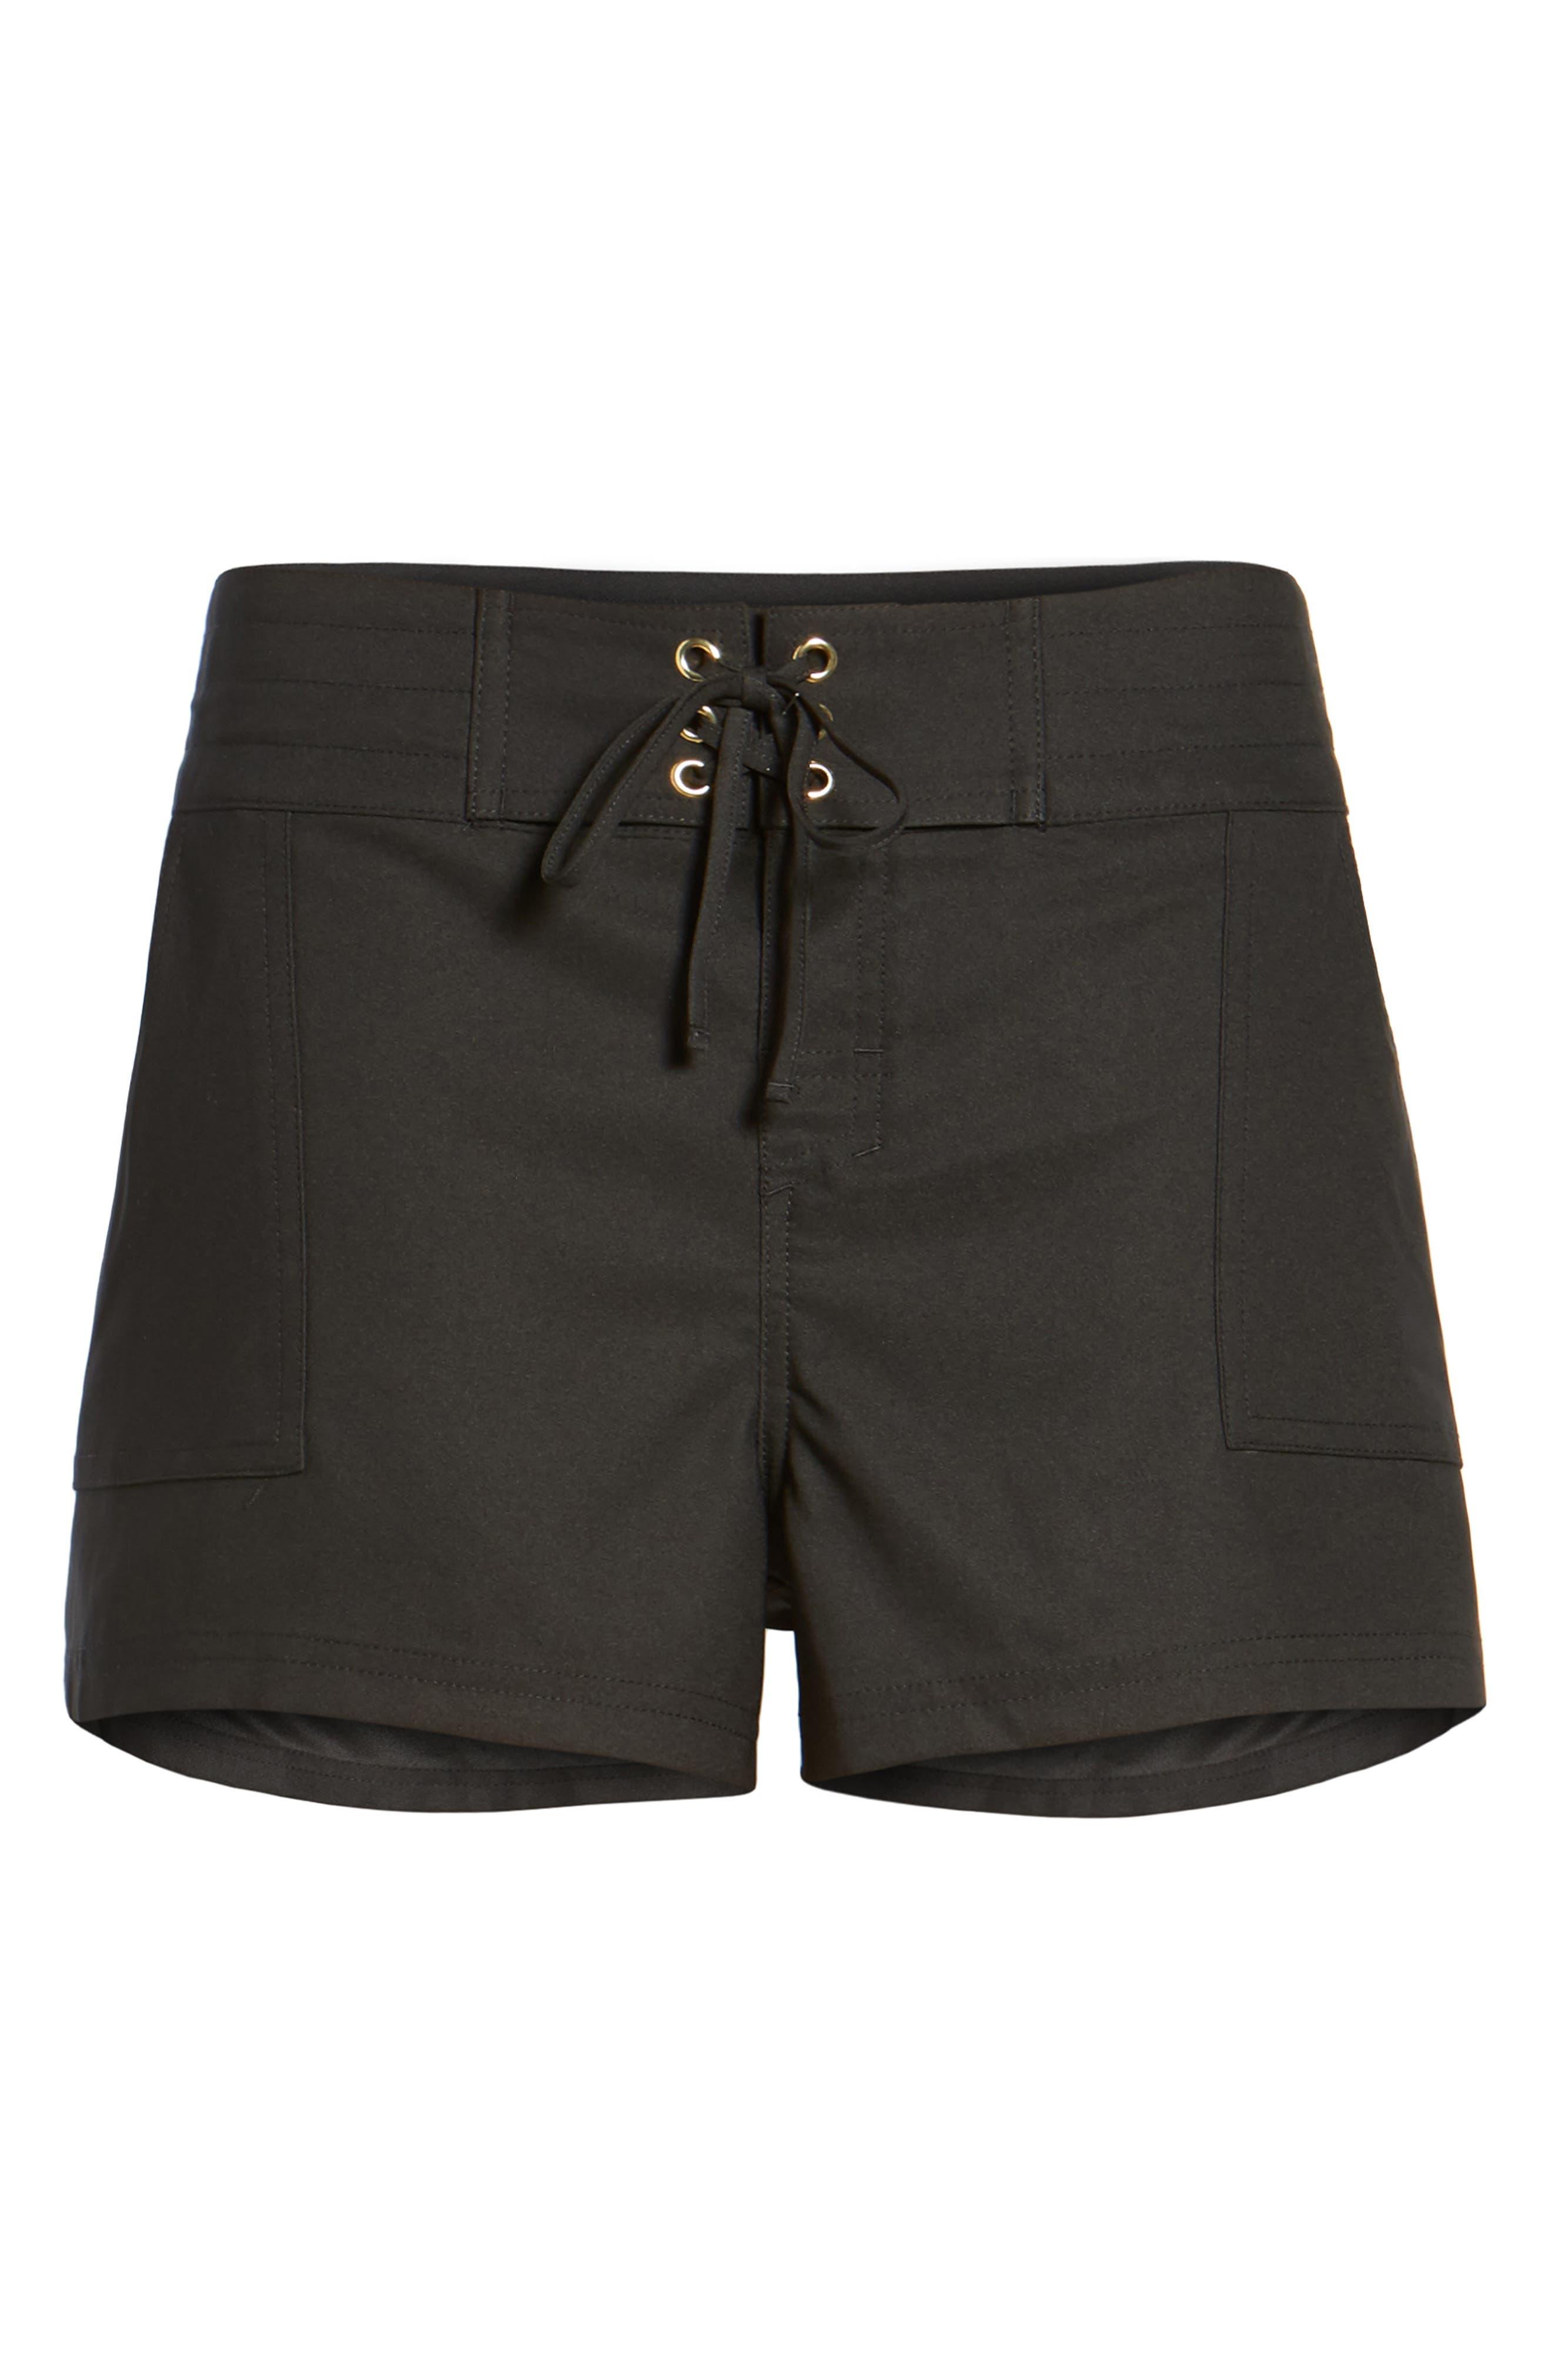 LA BLANCA 'Boardwalk' Shorts, Main, color, BLACK